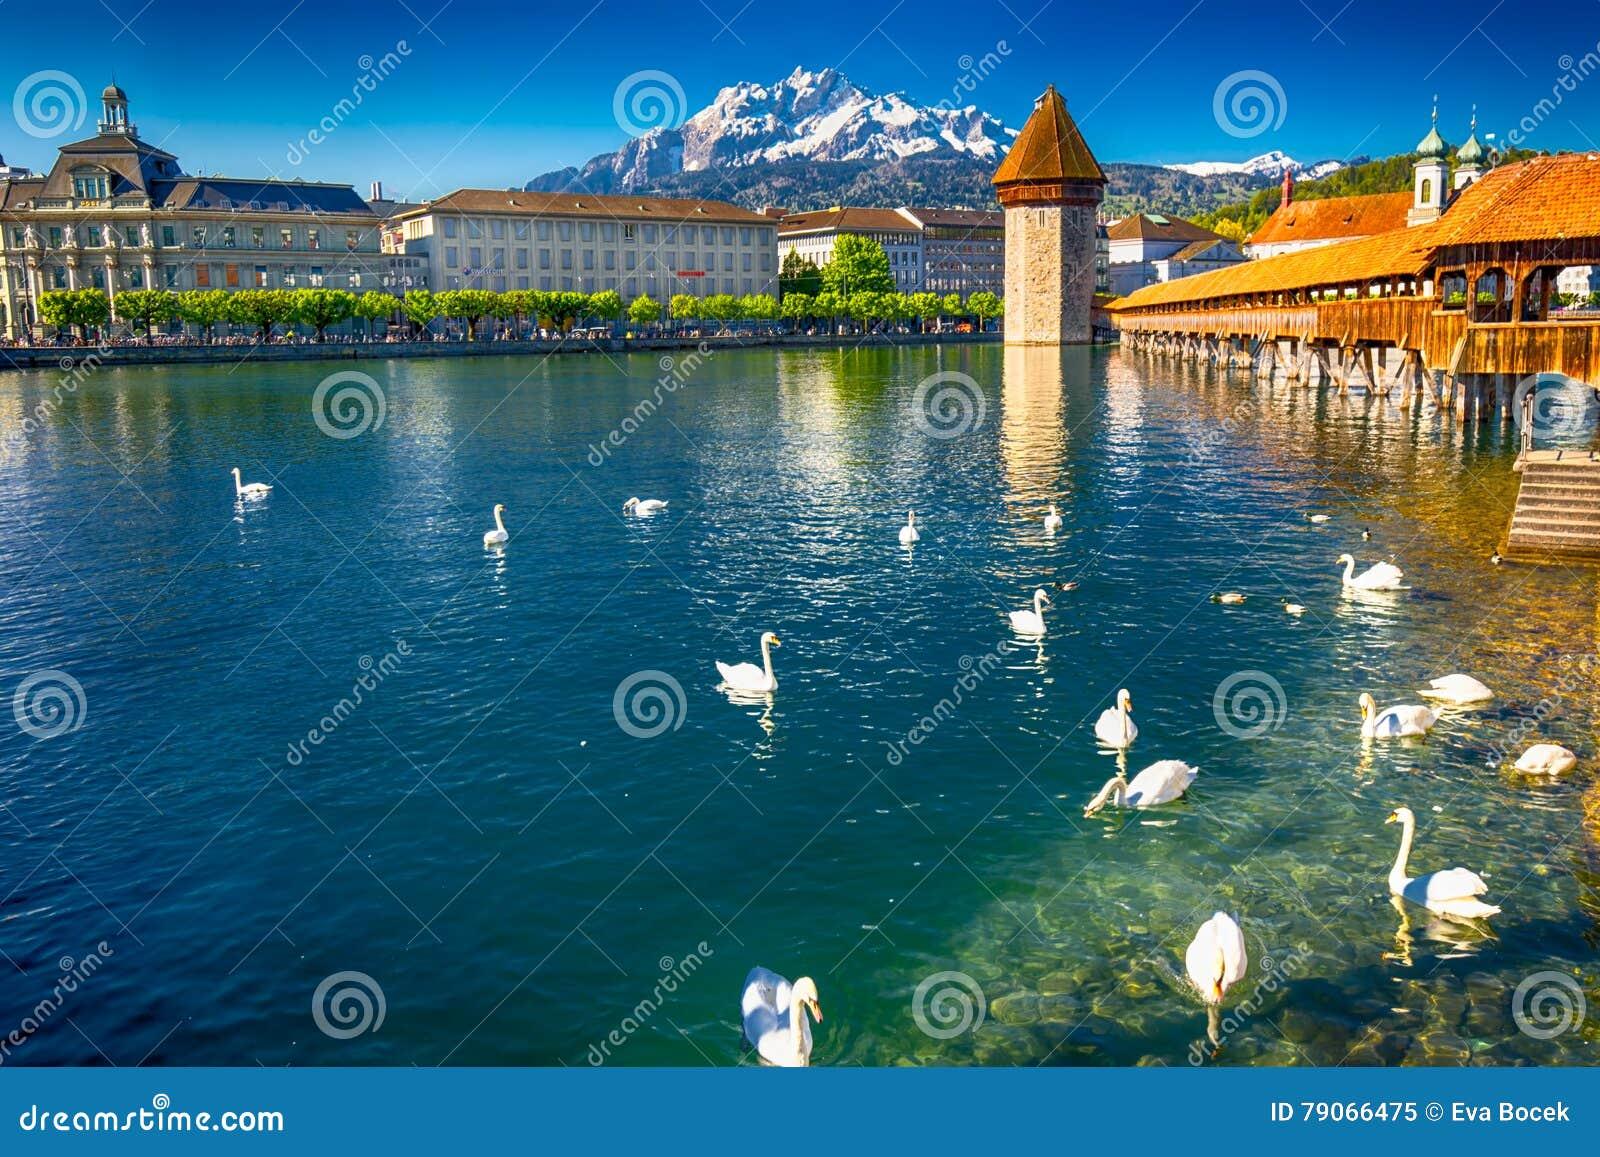 Historiskt centrum av Lucerne med den berömda kapellbron och sjön Lucerne, Lucerne, Schweiz